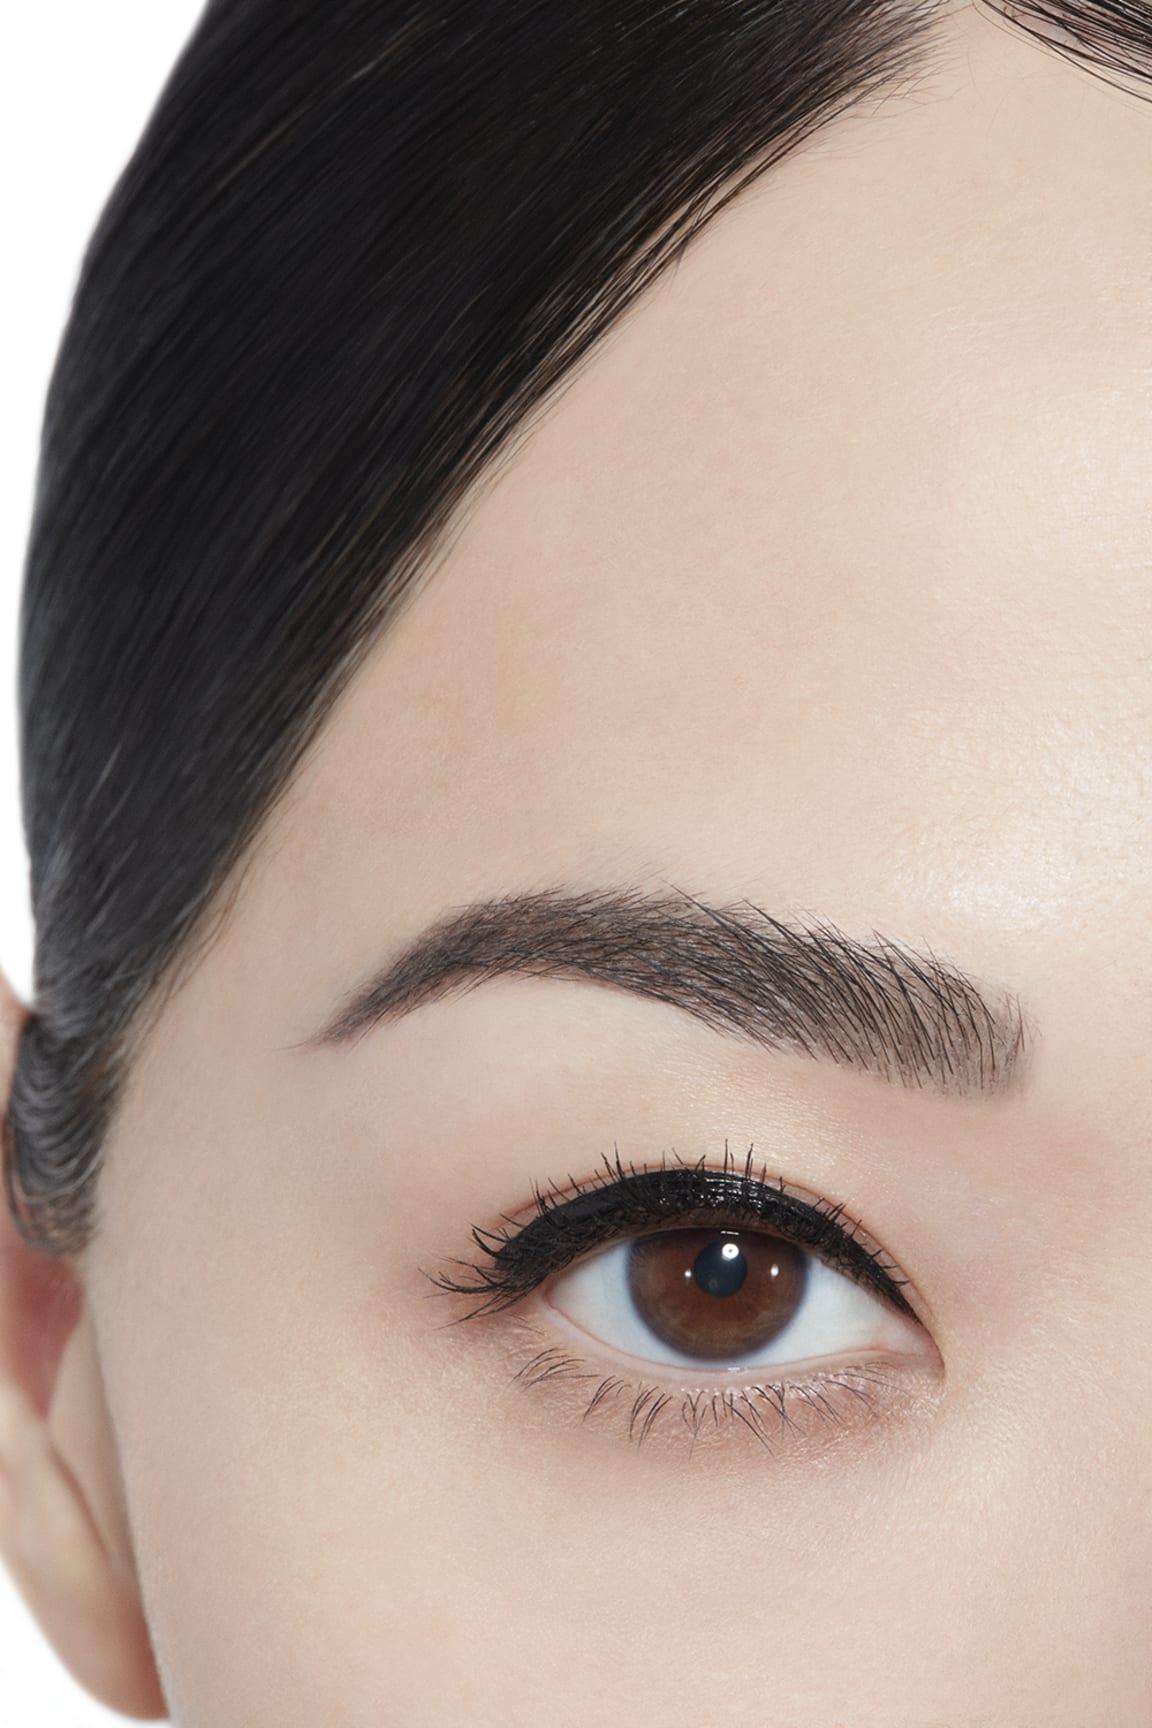 彩妝示範圖 1 - 香奈兒眼線液系列 10 - NOIR-NOIR